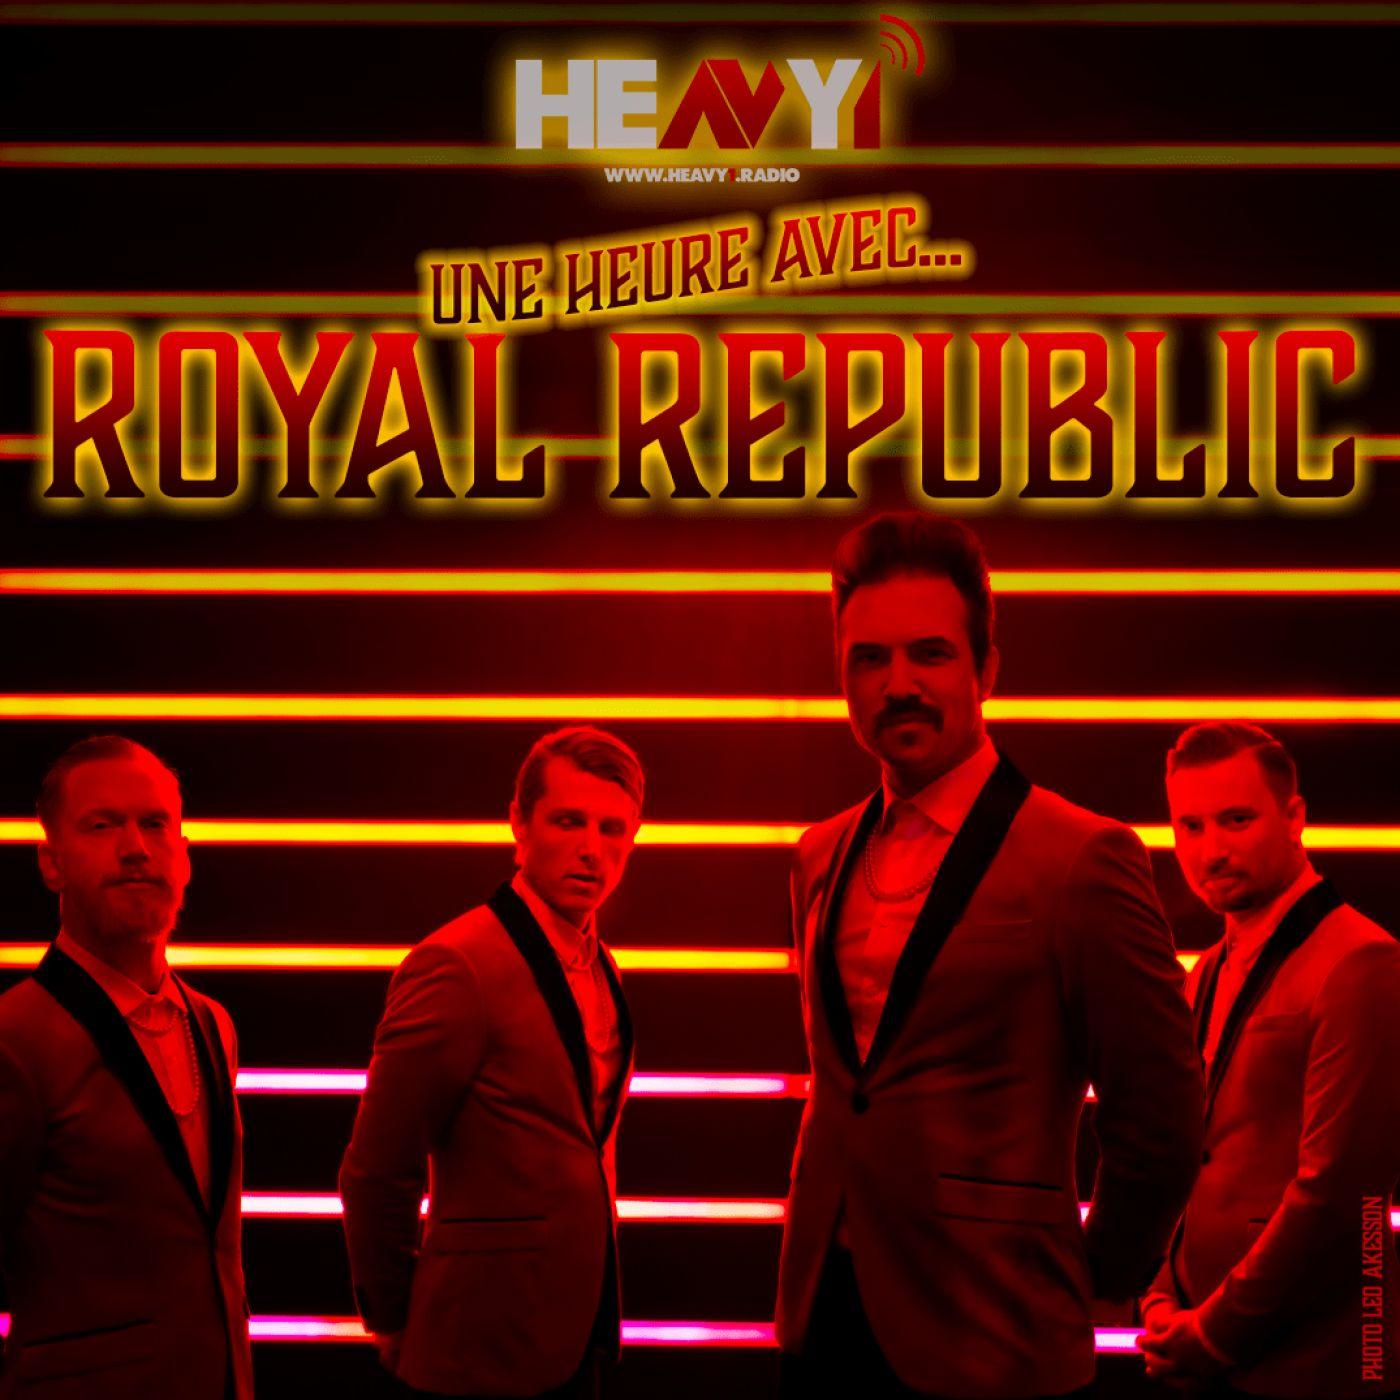 Une heure avec... Royal Republic